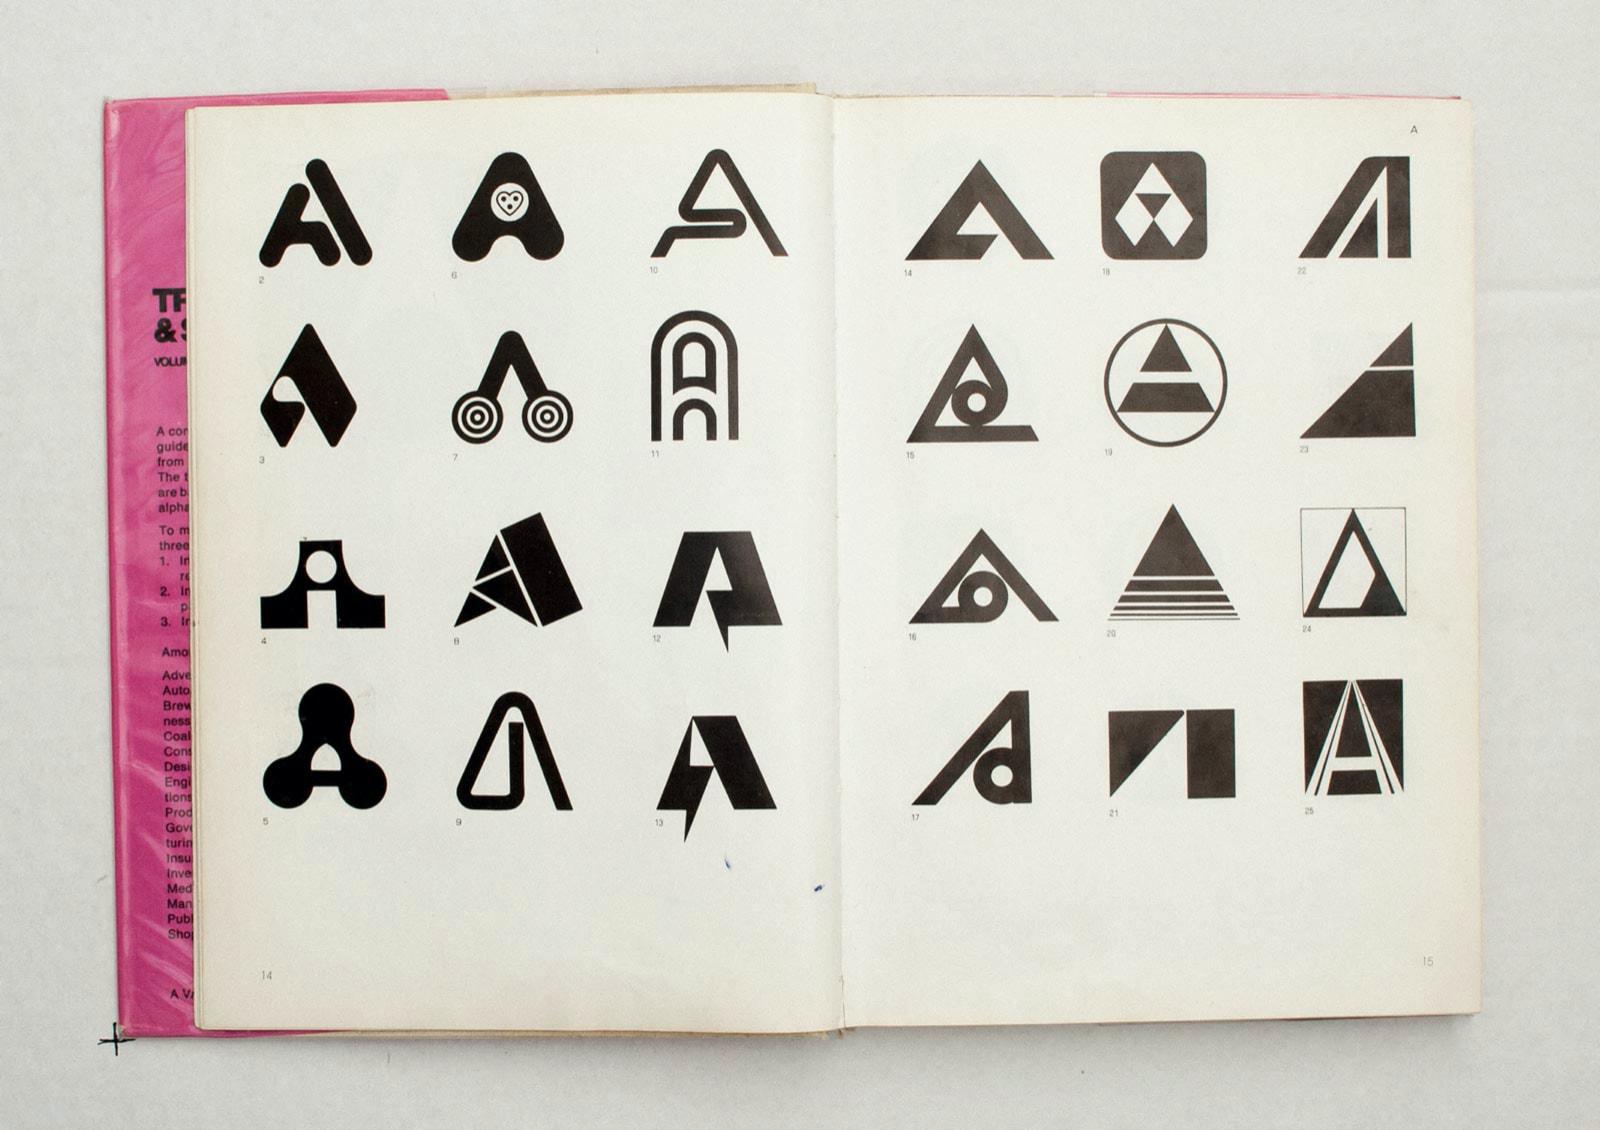 trademarks symbols vol1 1